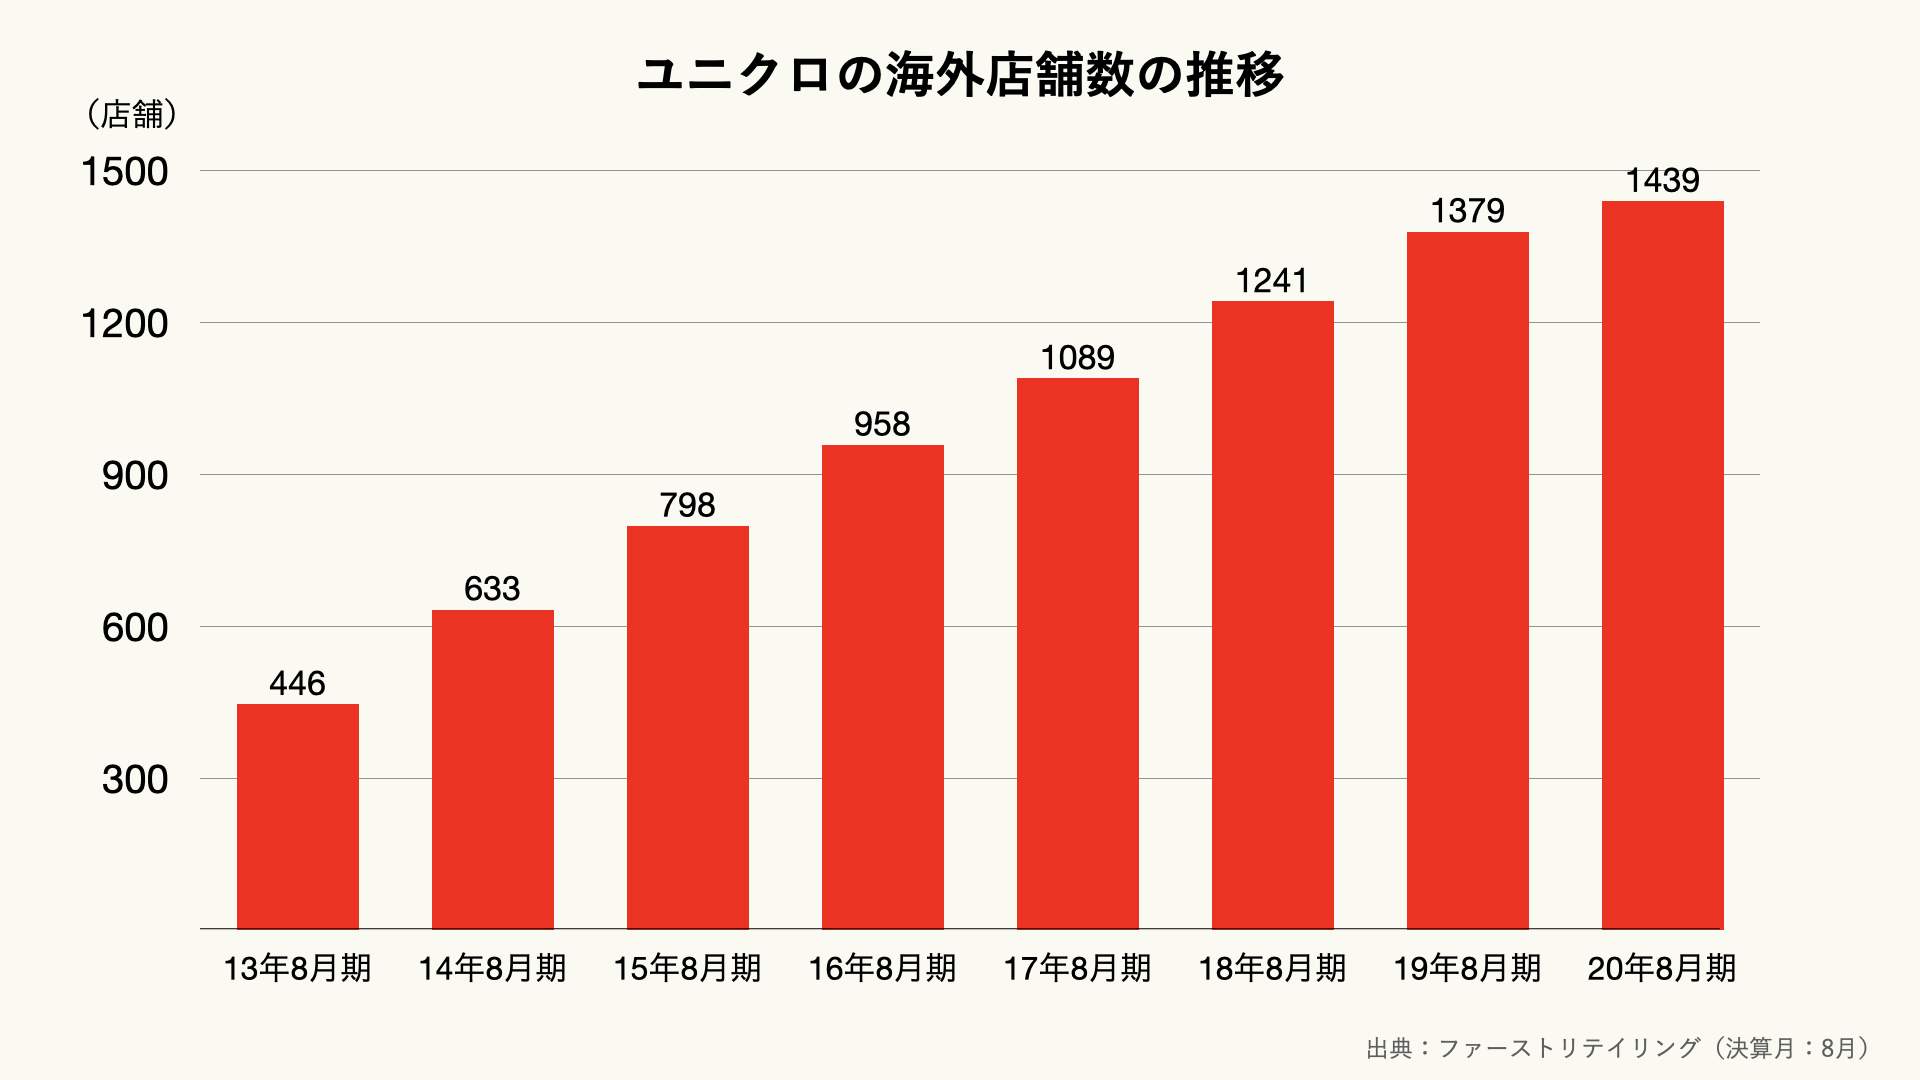 ユニクロの海外店舗数の推移のグラフ